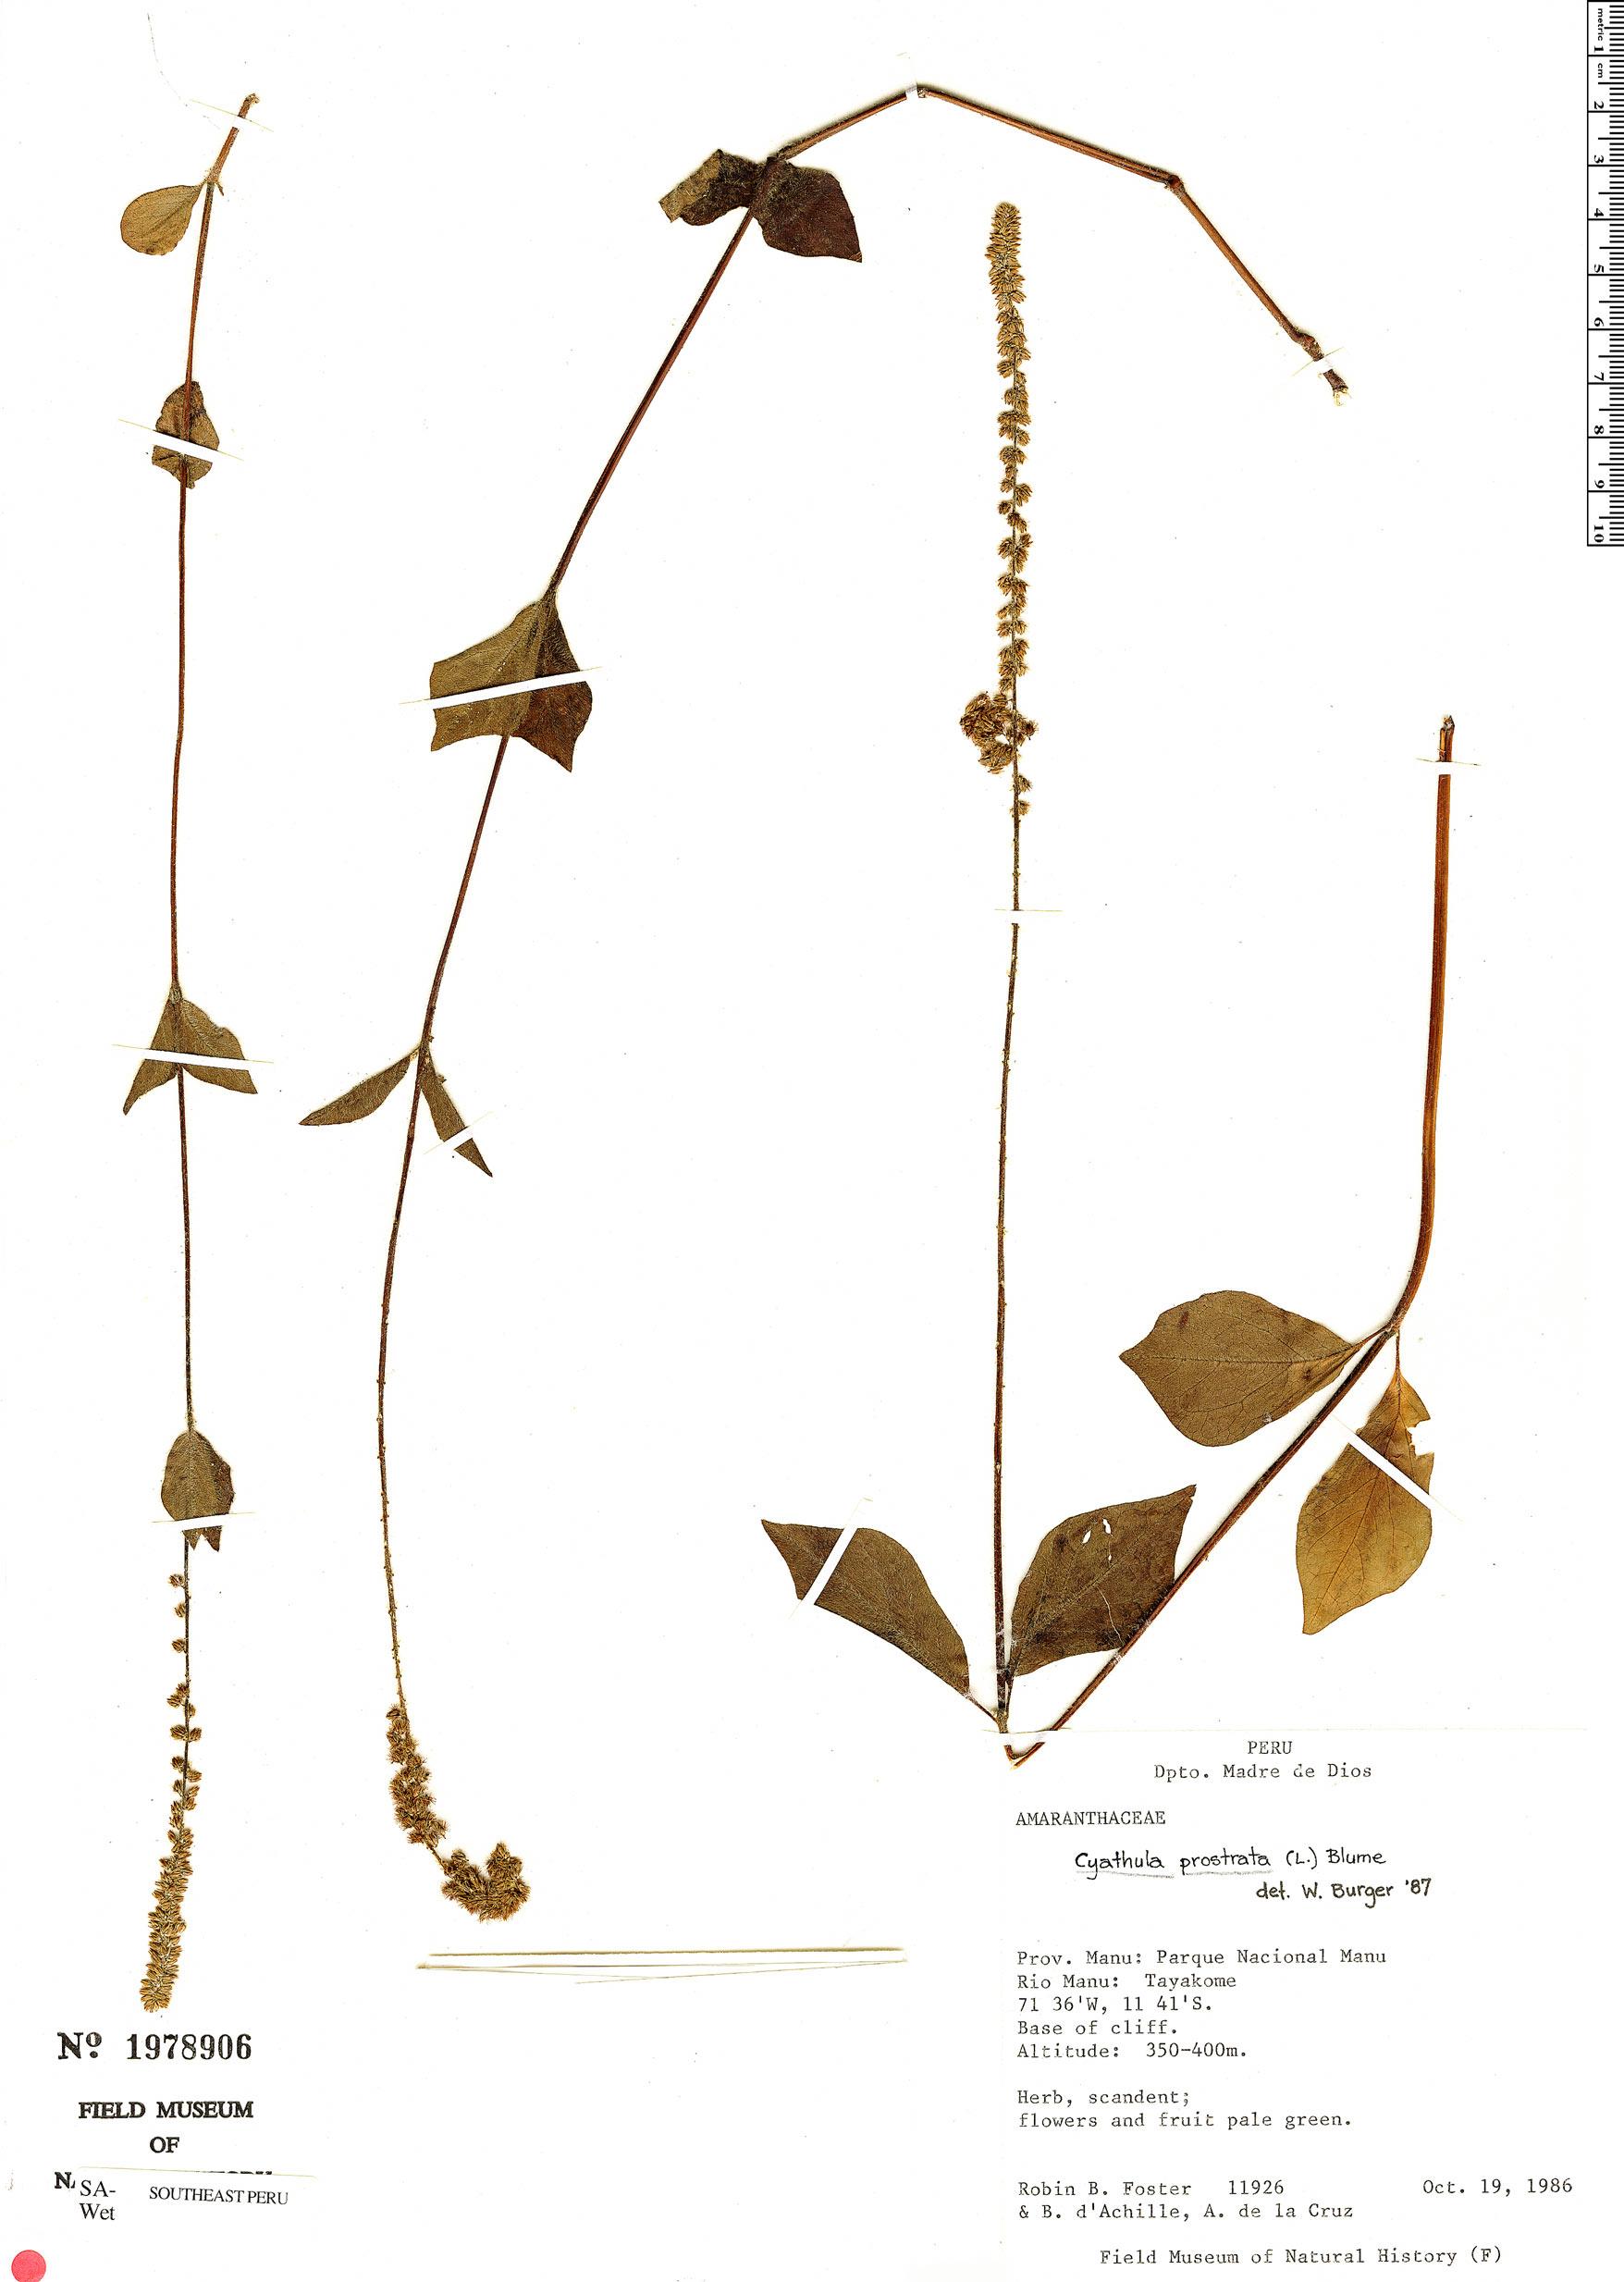 Specimen: Cyathula prostrata